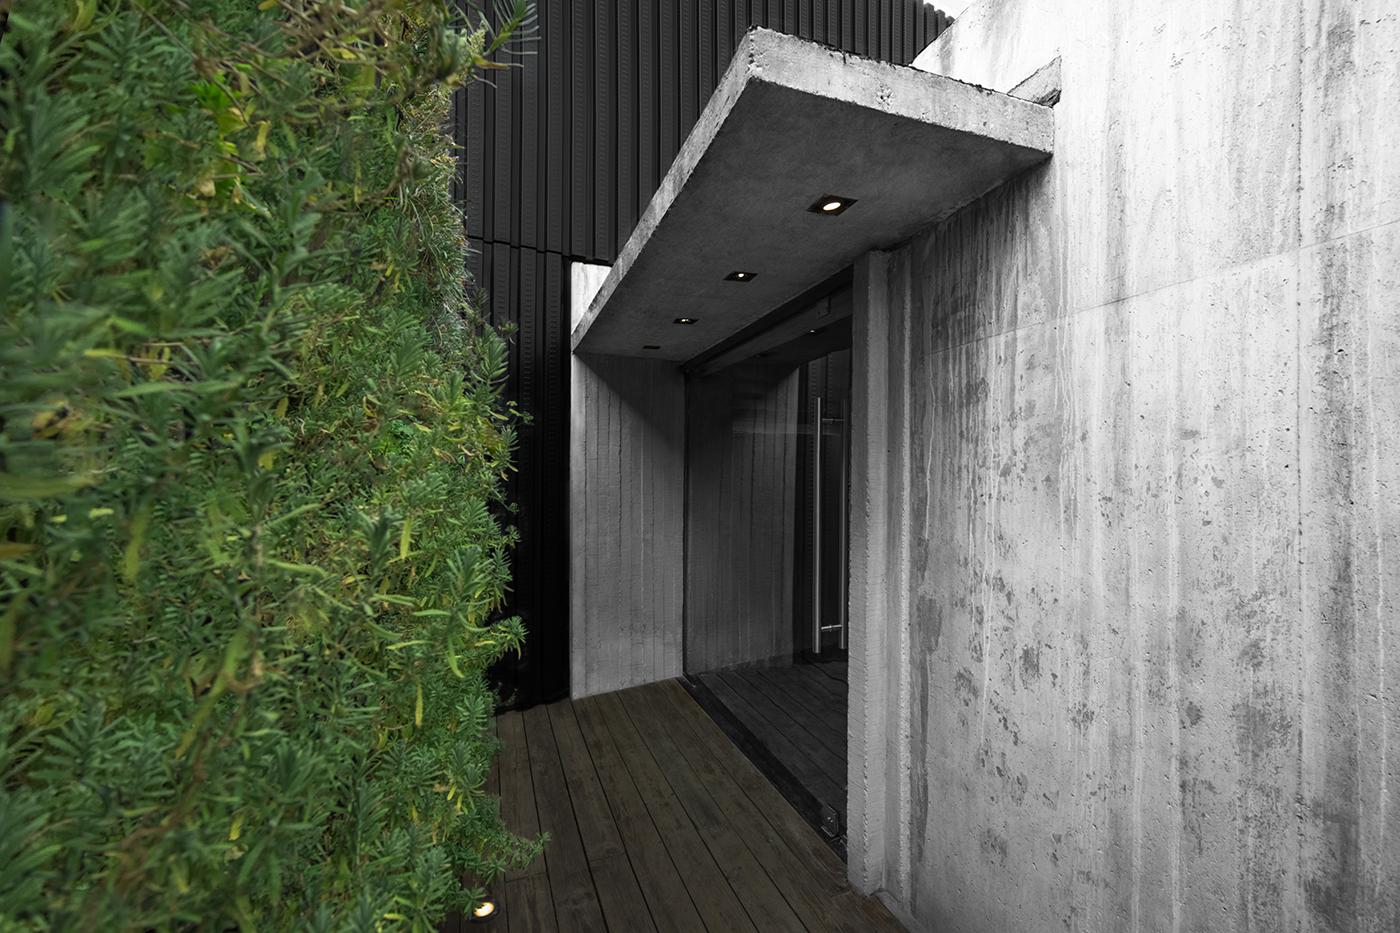 interiors design concrete sculpture gold aluminium restaurant Nature chef architecture